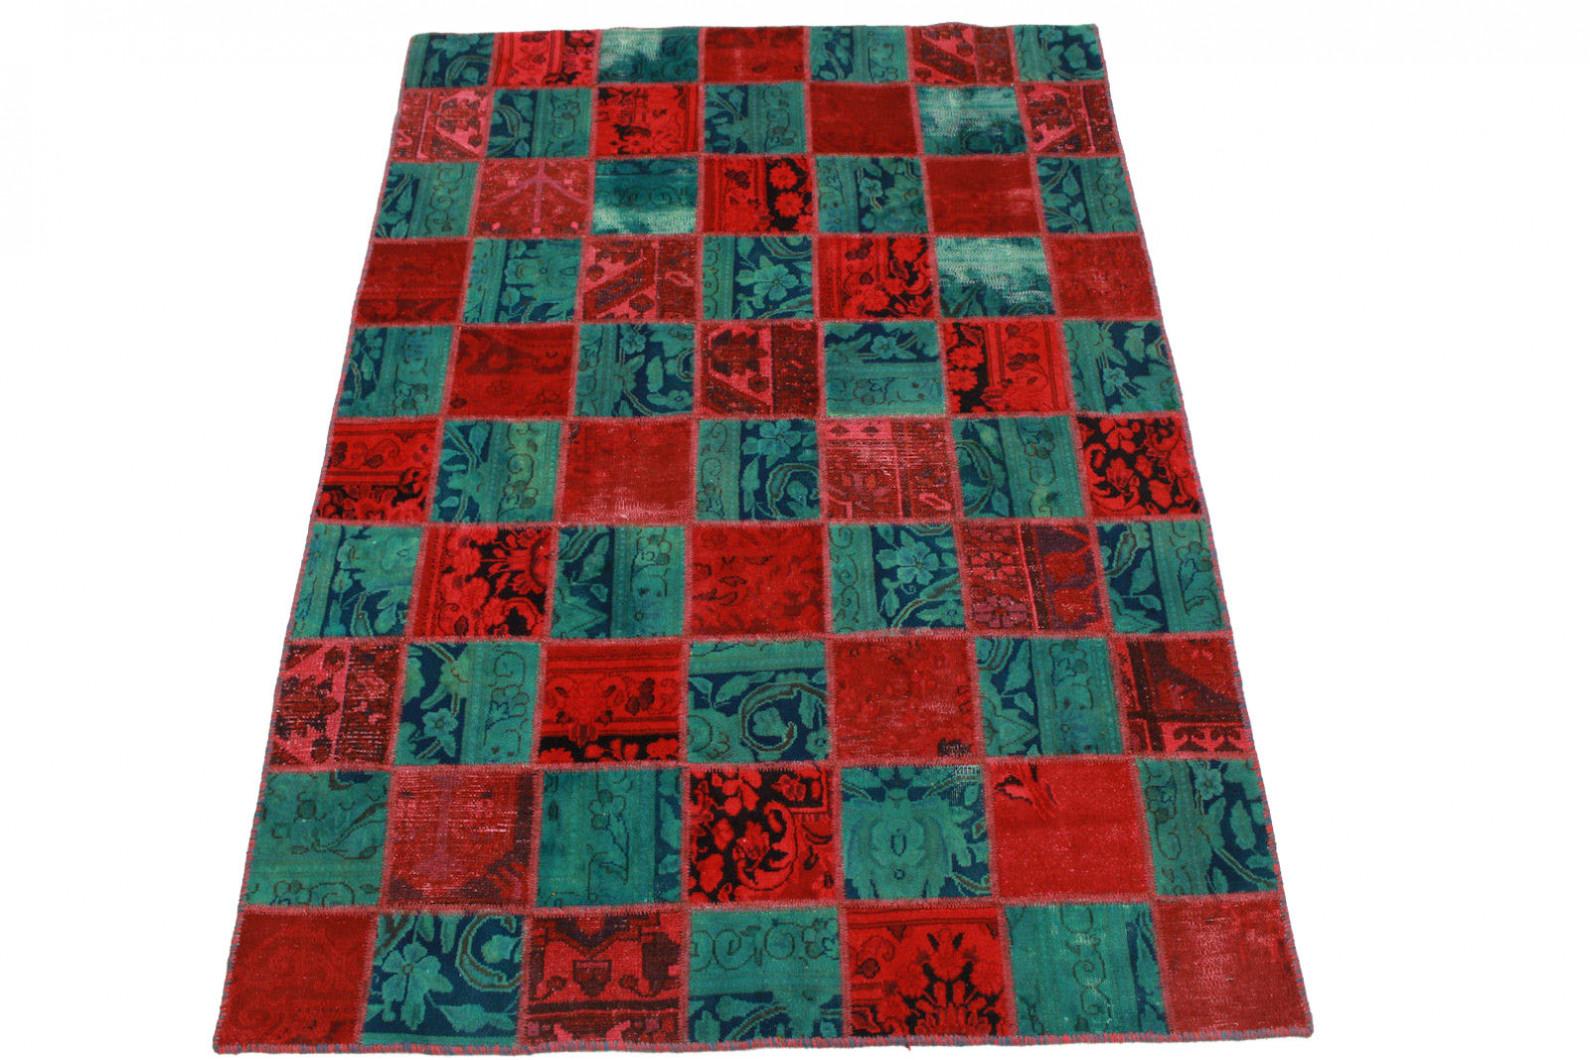 patchwork teppich rot blau in 200x140cm 1001 2100 bei kaufen. Black Bedroom Furniture Sets. Home Design Ideas